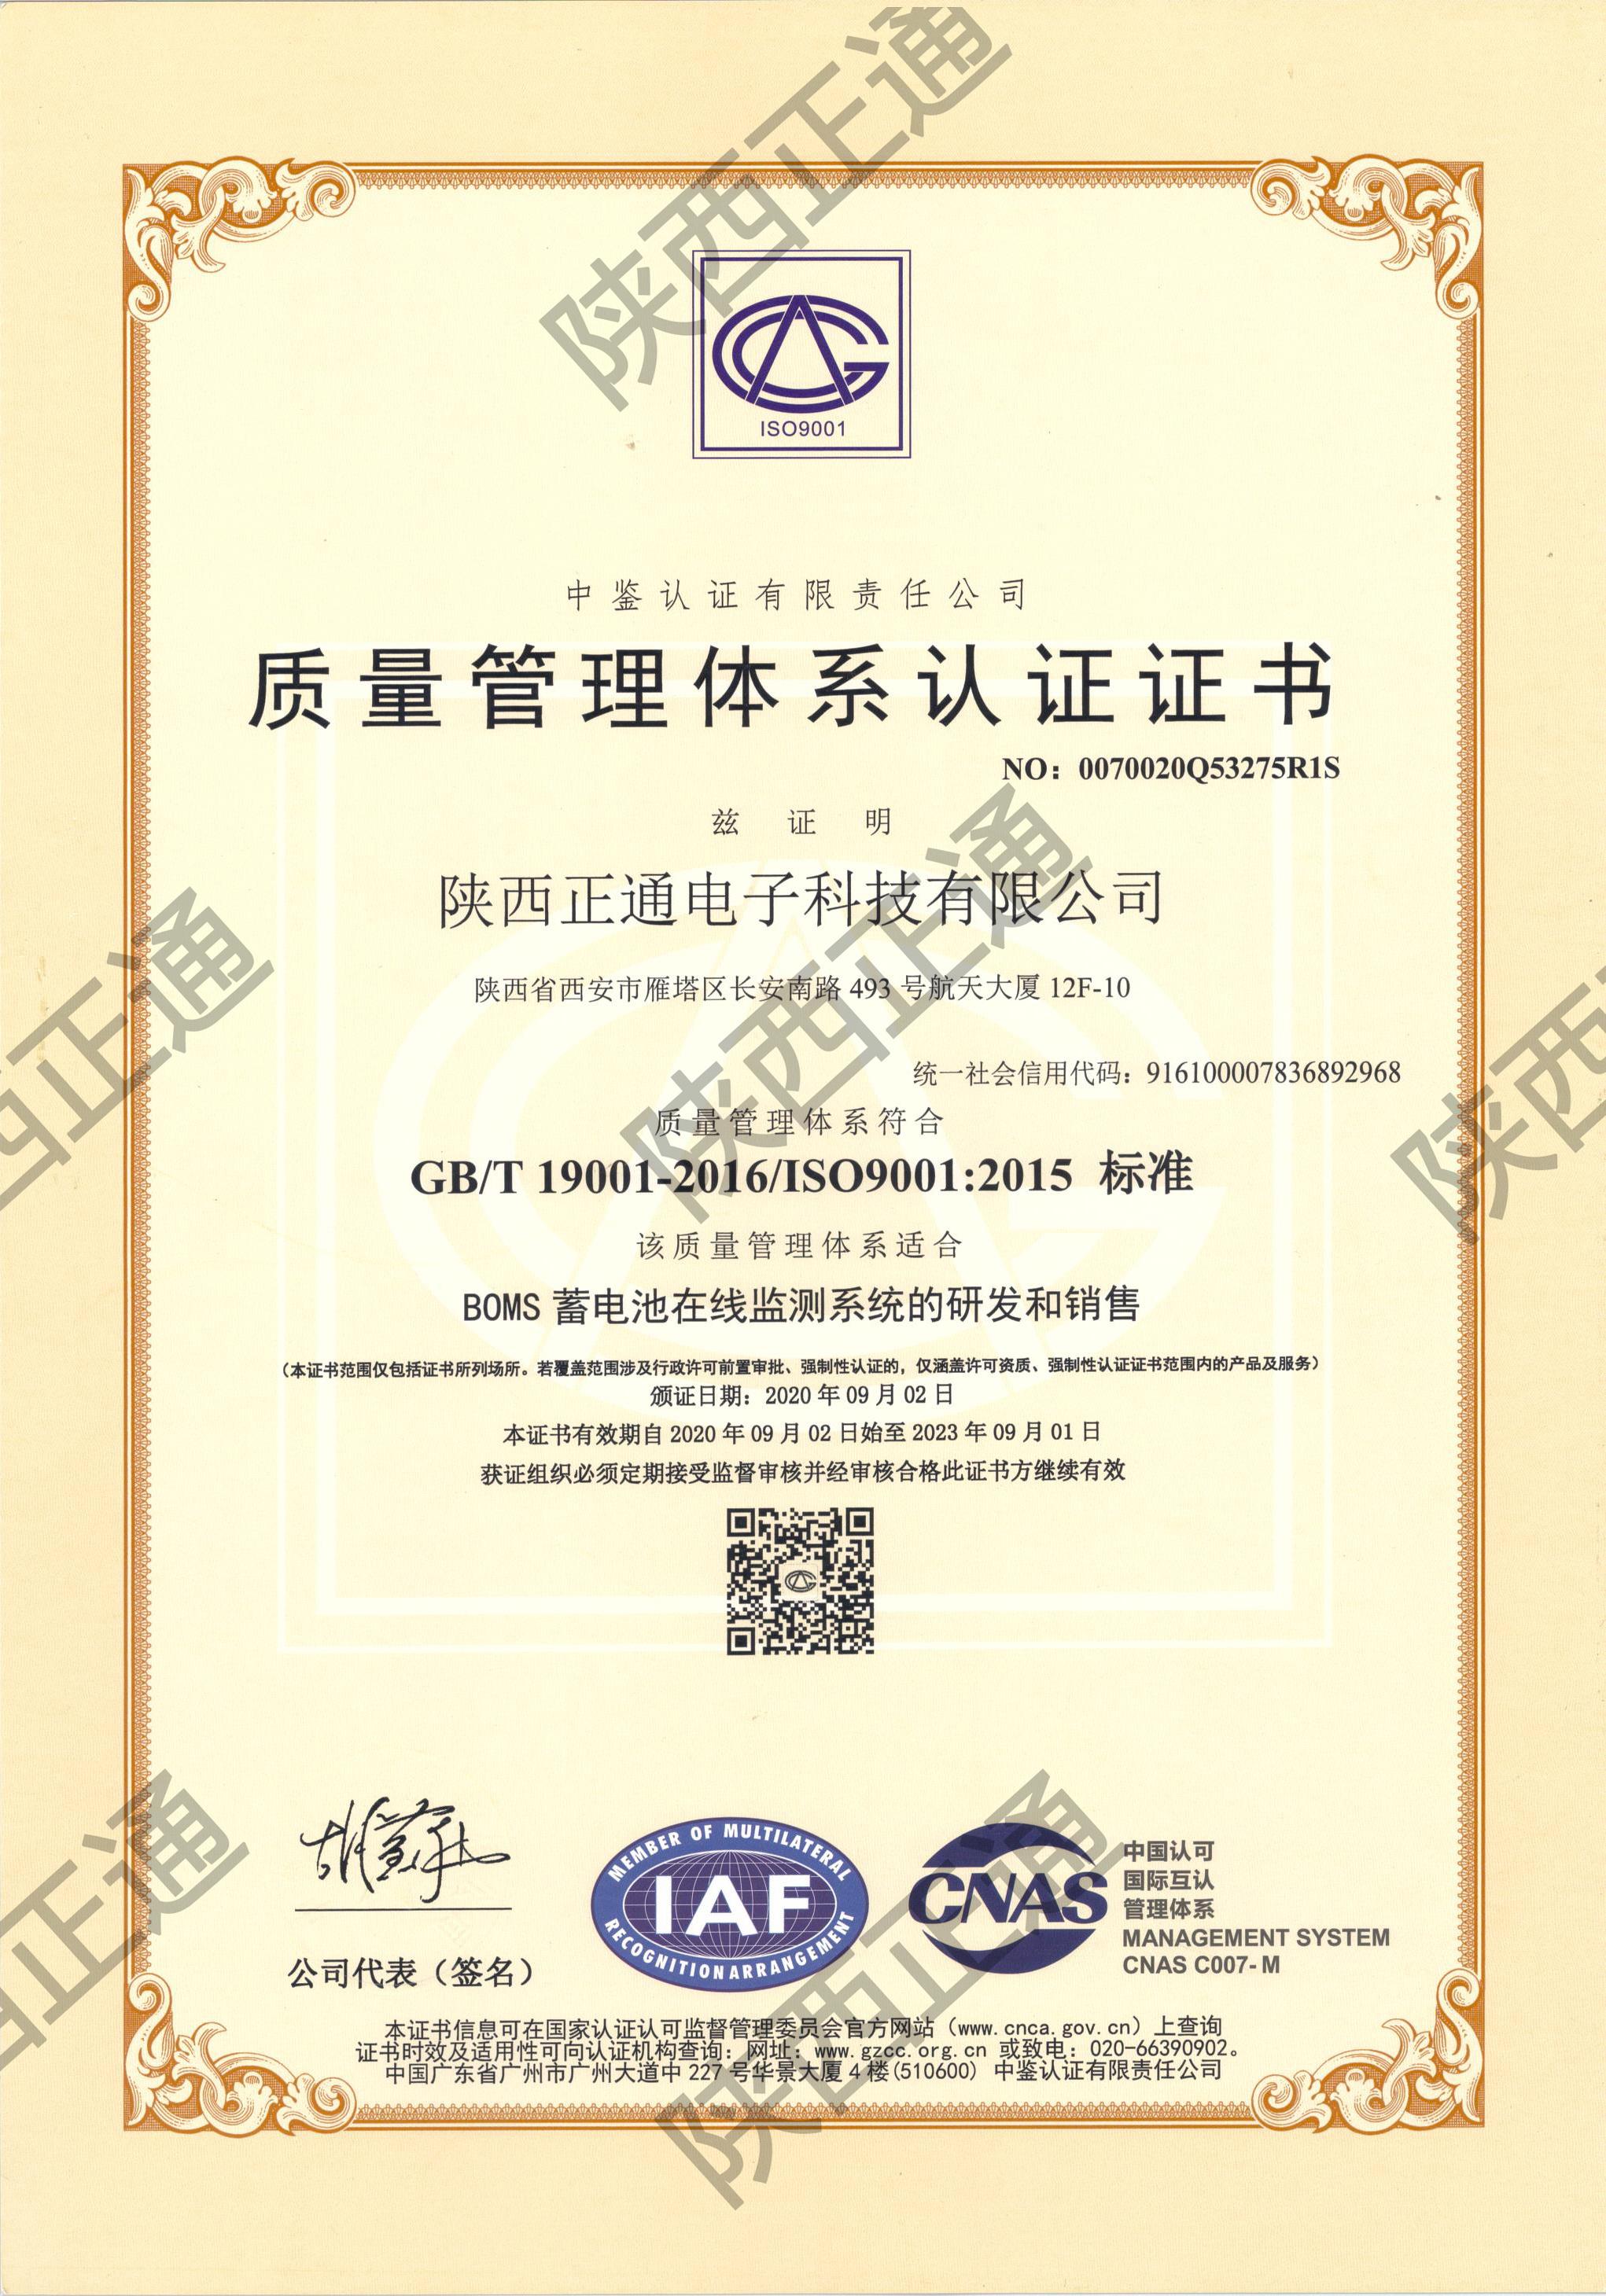 ISO9001质量管理体系认证证书-陕西正通